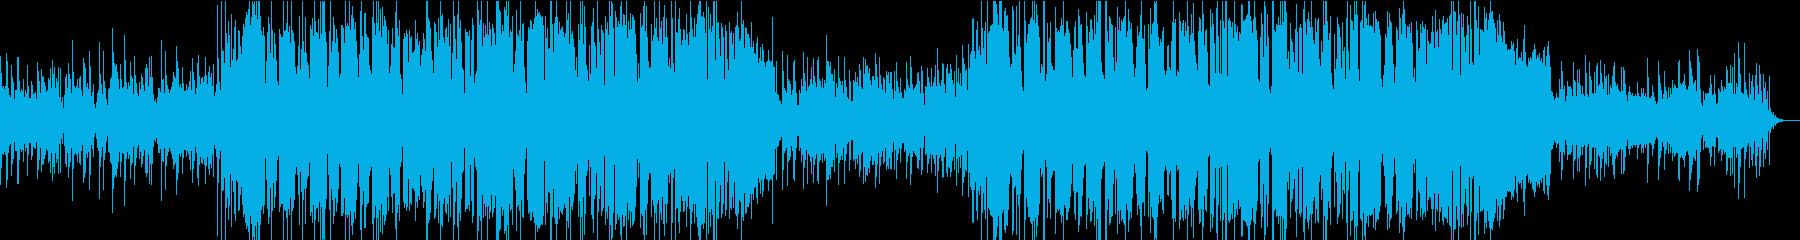 聞き込み 地道な捜査 アナログシンセ風の再生済みの波形